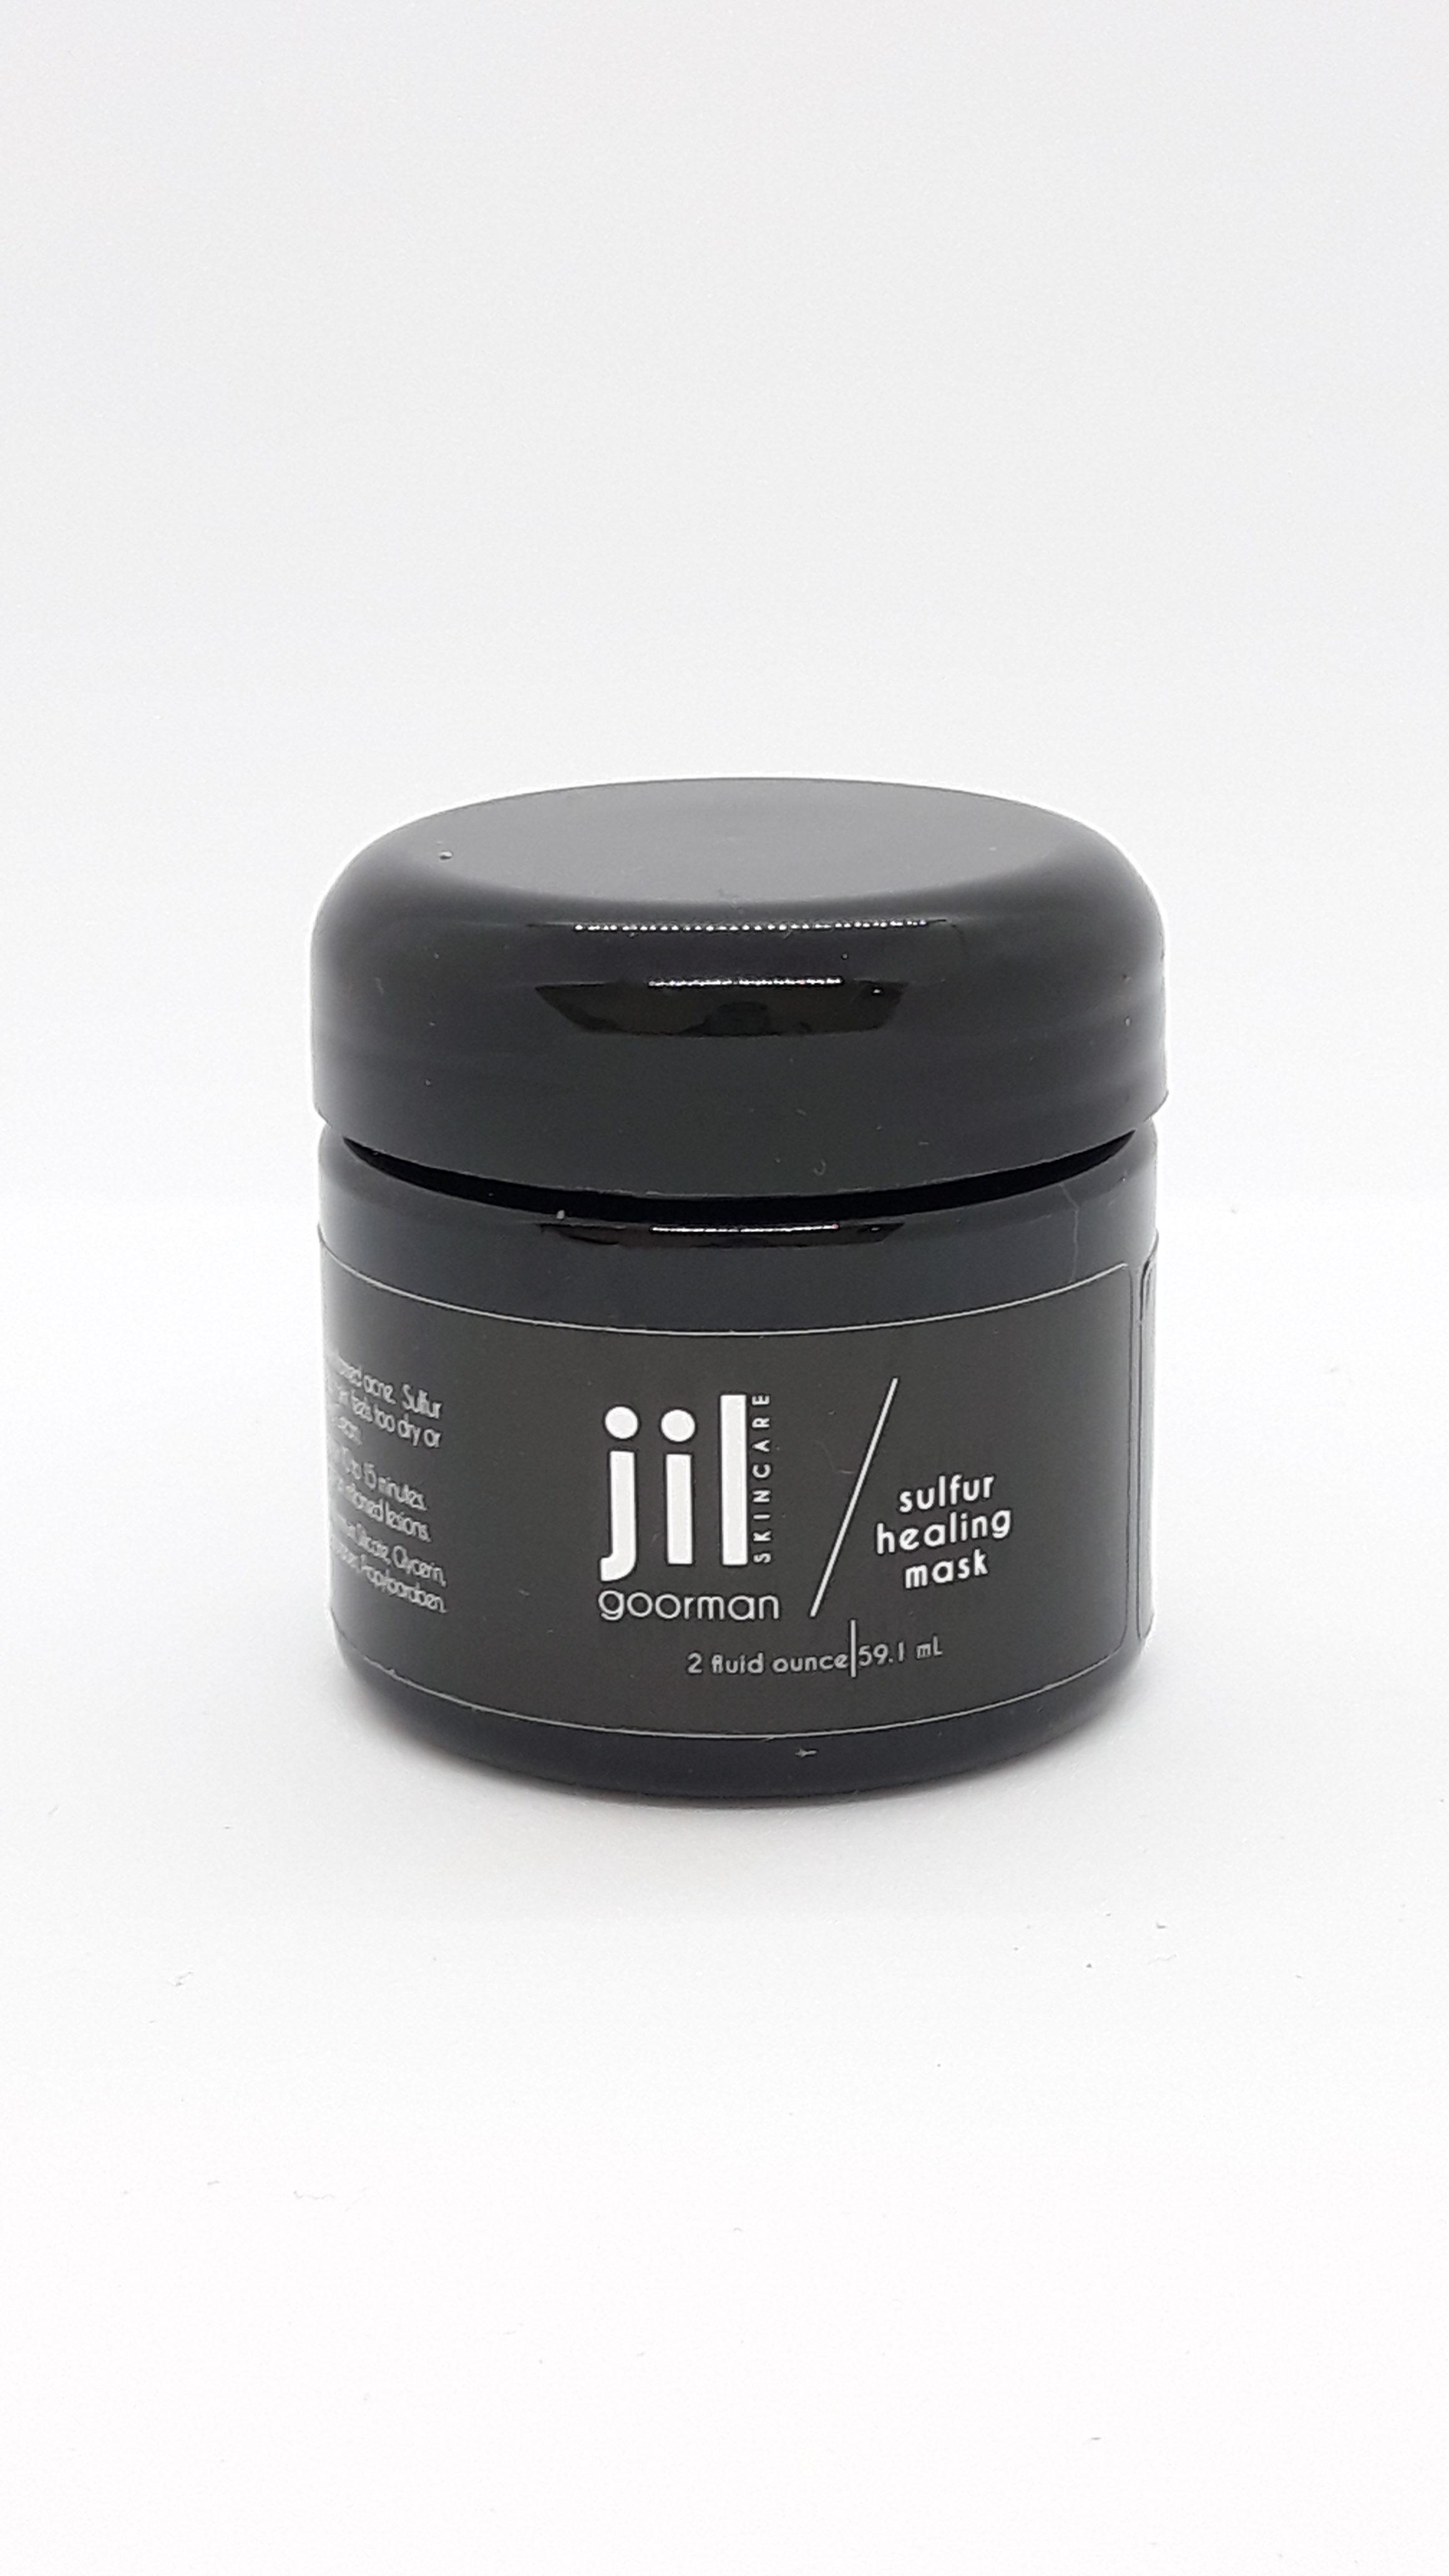 Skintherapy moisturizer